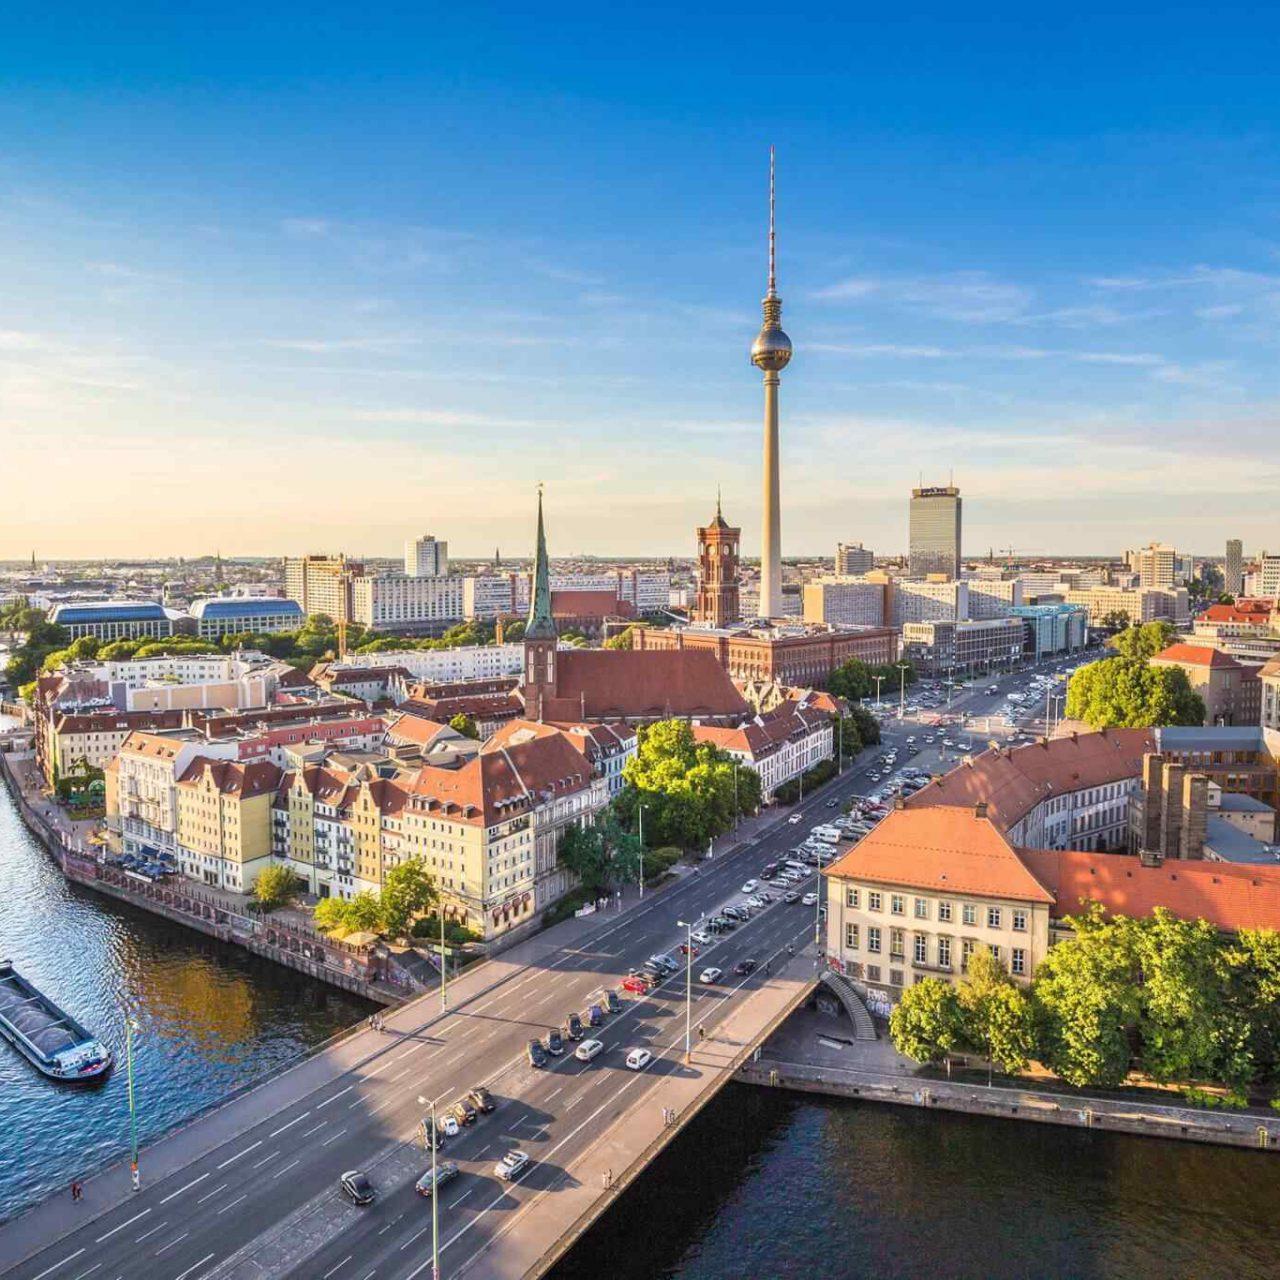 https://www.geziantalya.com/wp-content/uploads/2018/09/destination-berlin-05-1280x1280.jpg